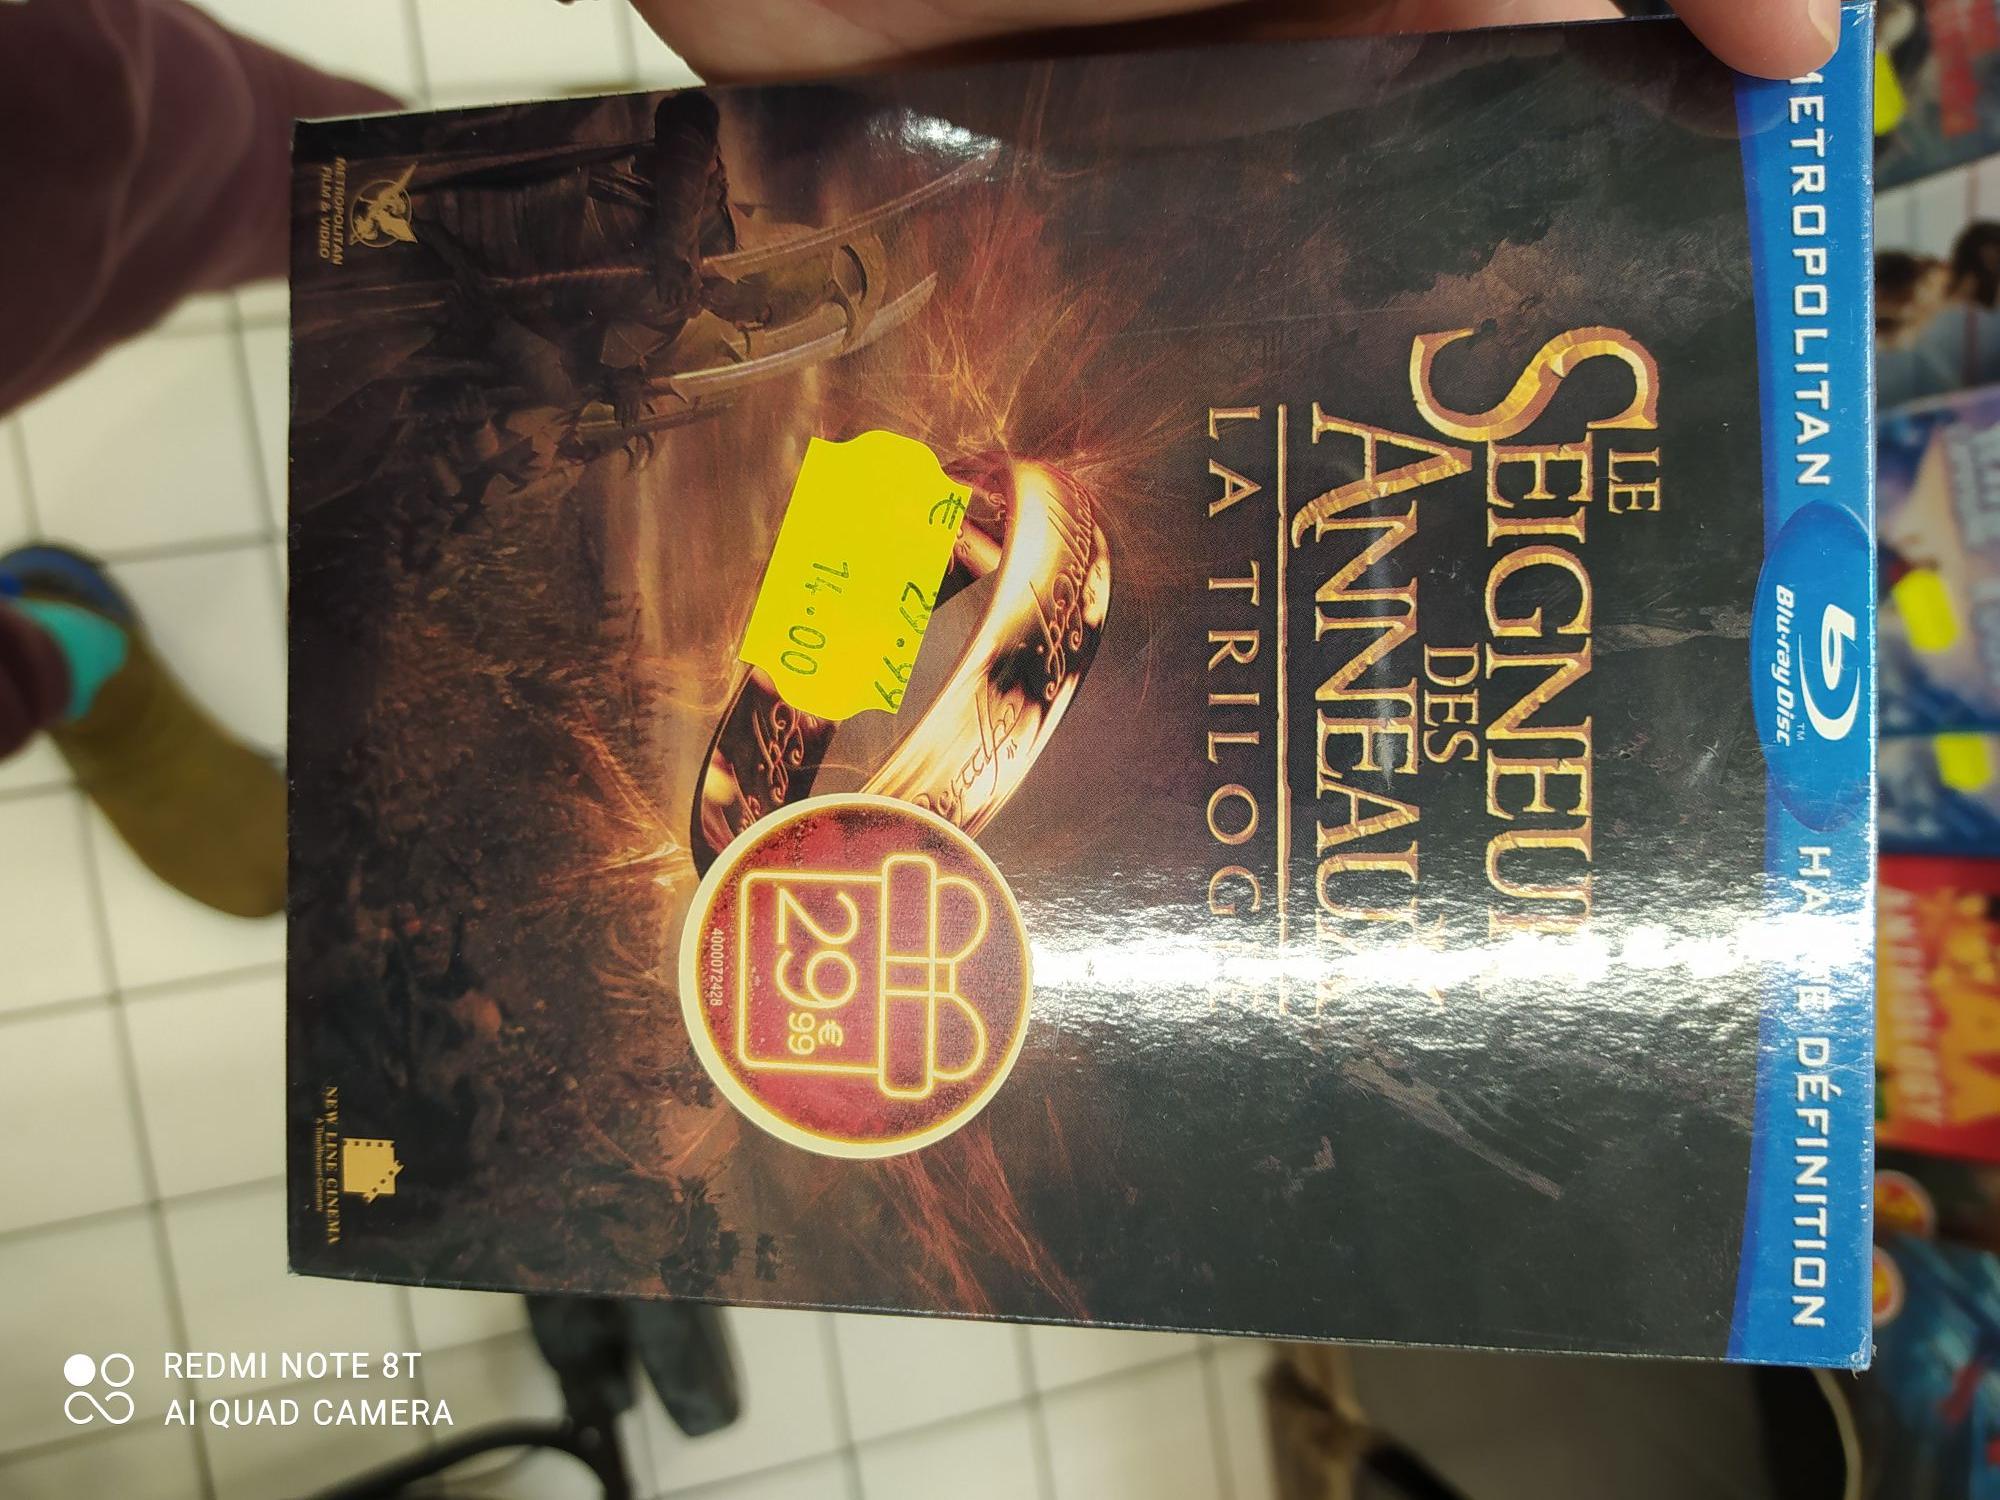 Coffret Blu-ray Trilogie Le Seigneur des anneaux - Illzach (68)